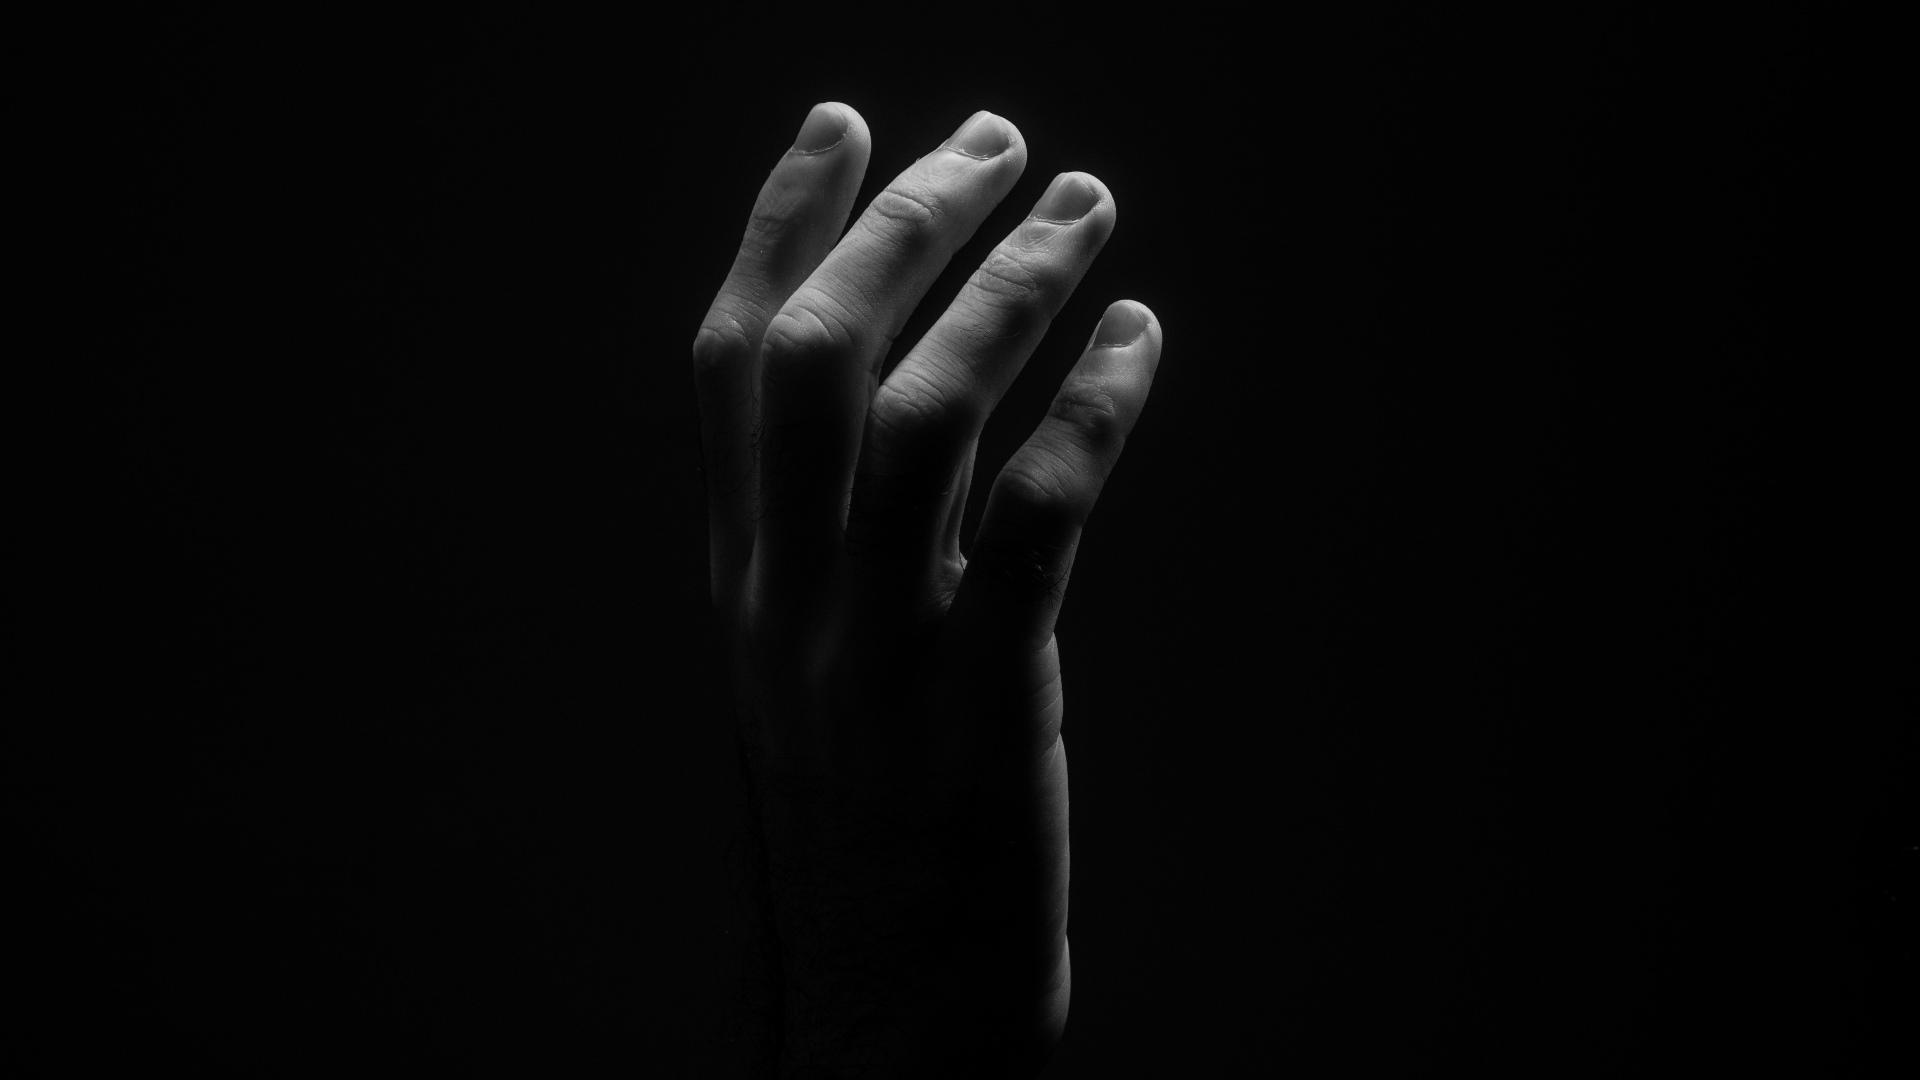 ¿Dios escucha las oraciones de todos?